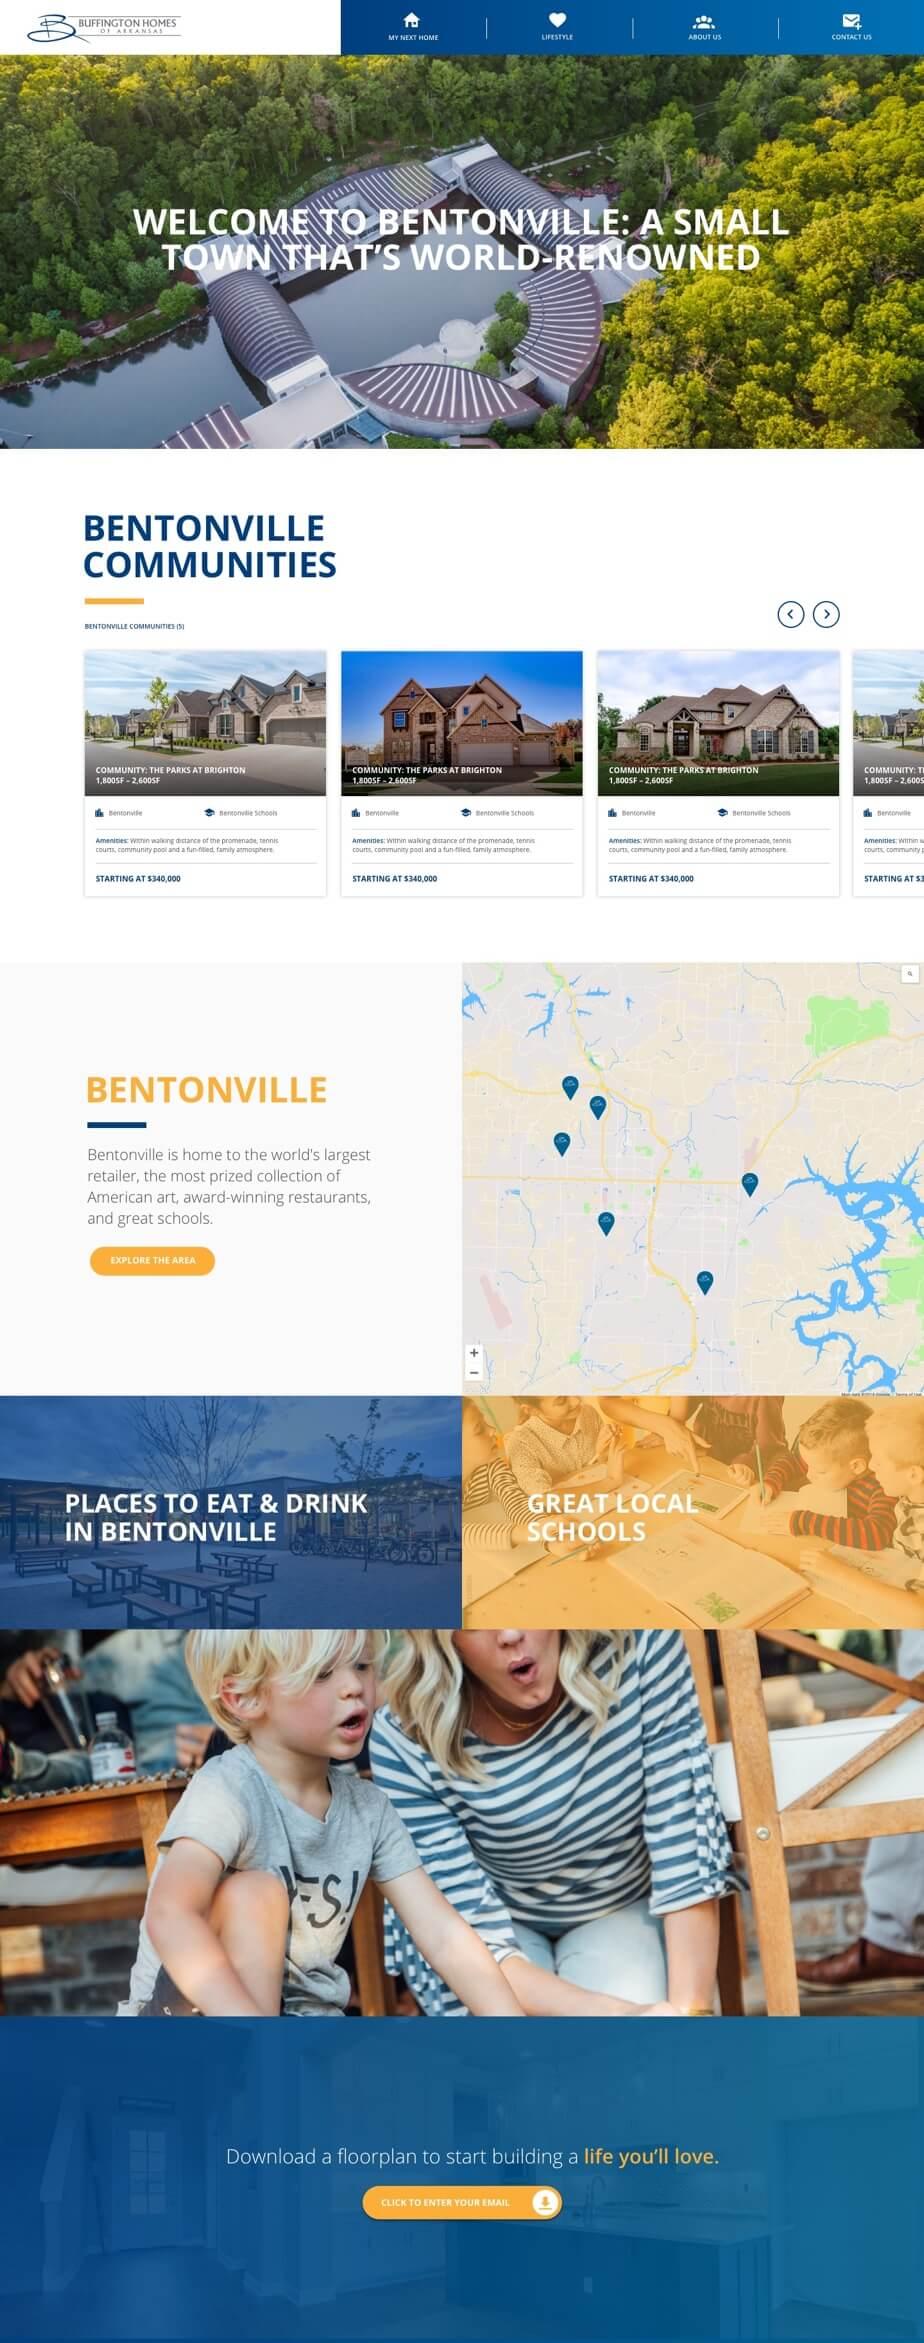 buffington homes communities page desktop design